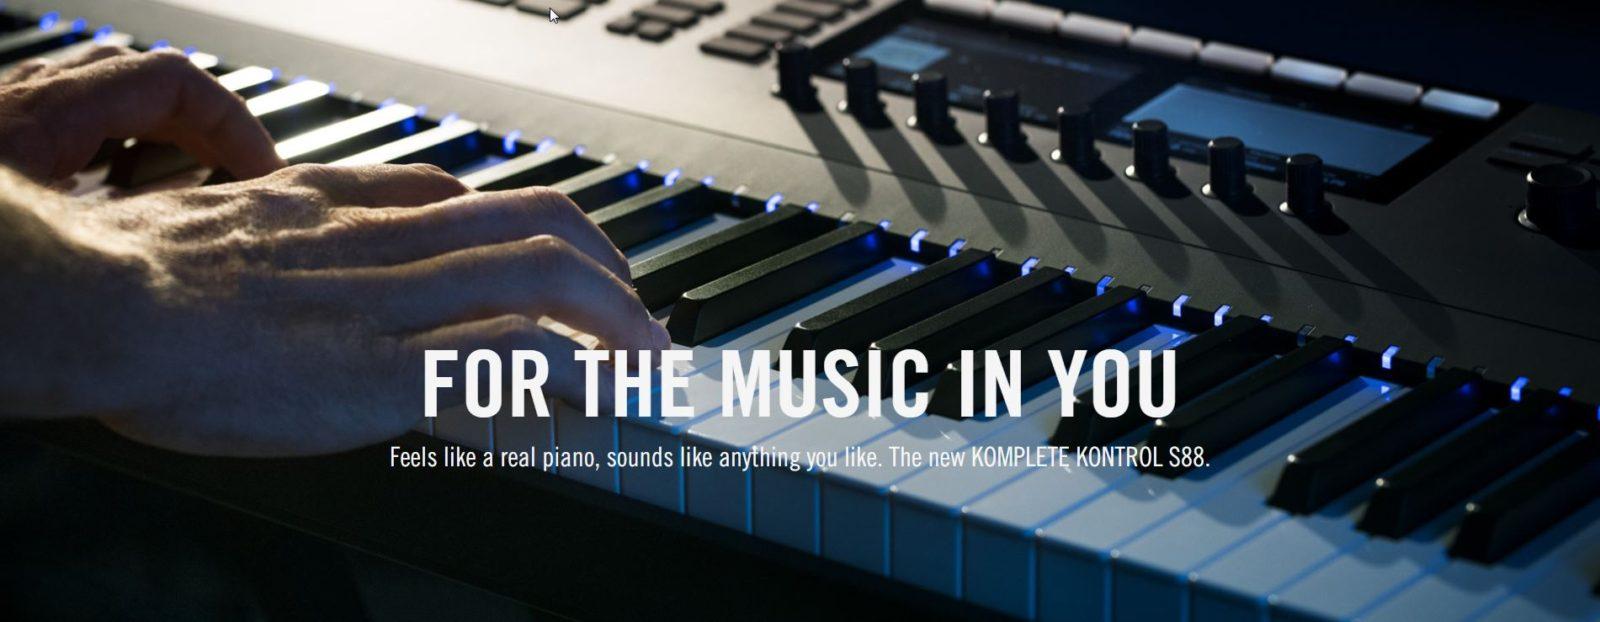 Komplete-_-Keyboards-_-Komplete-Kontrol-S88-MK-2